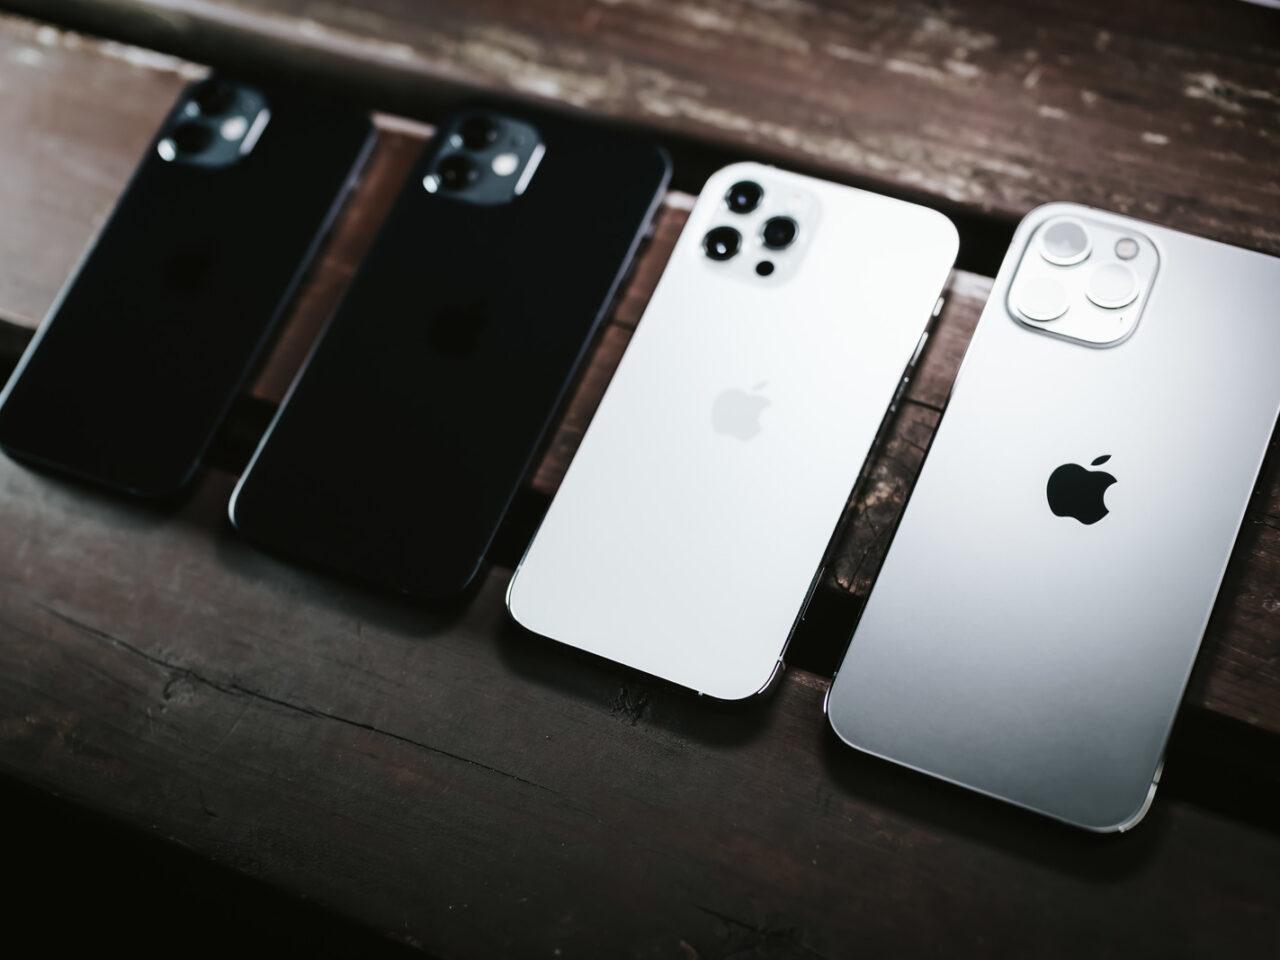 povo(ポヴォ)でiPhone(アイフォン)も使える?対応機種は?のサムネイル画像